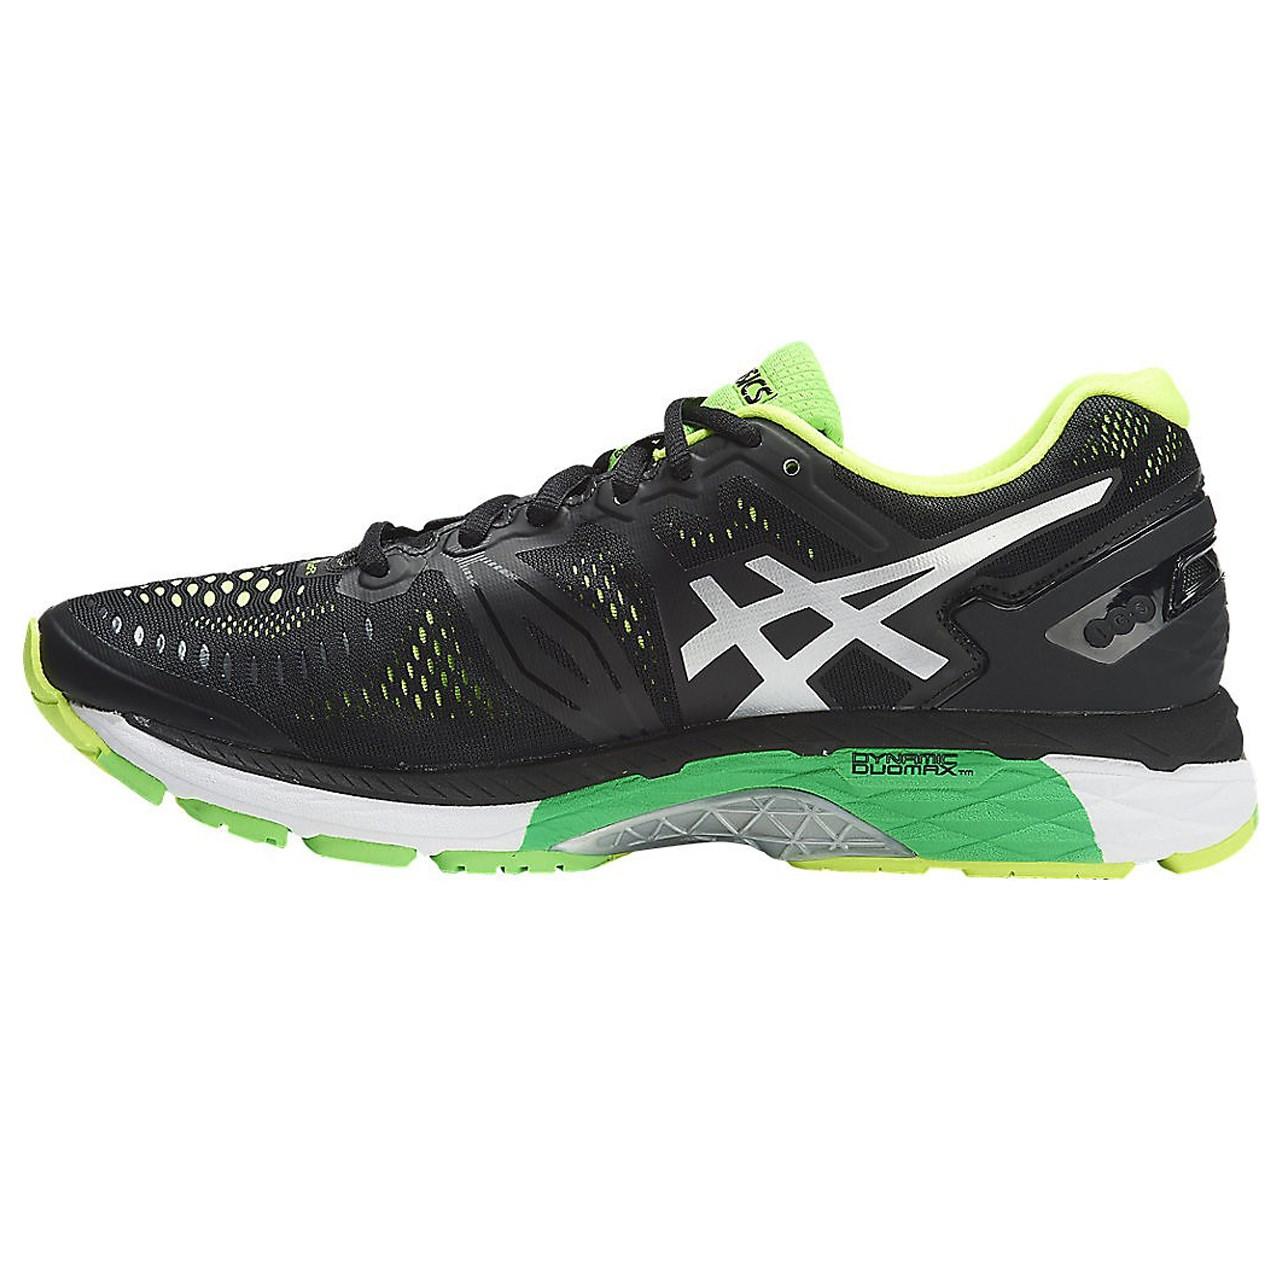 قیمت کفش ورزشی مردانه اسیکس مخصوص دویدن مدل Gel Kayano 23